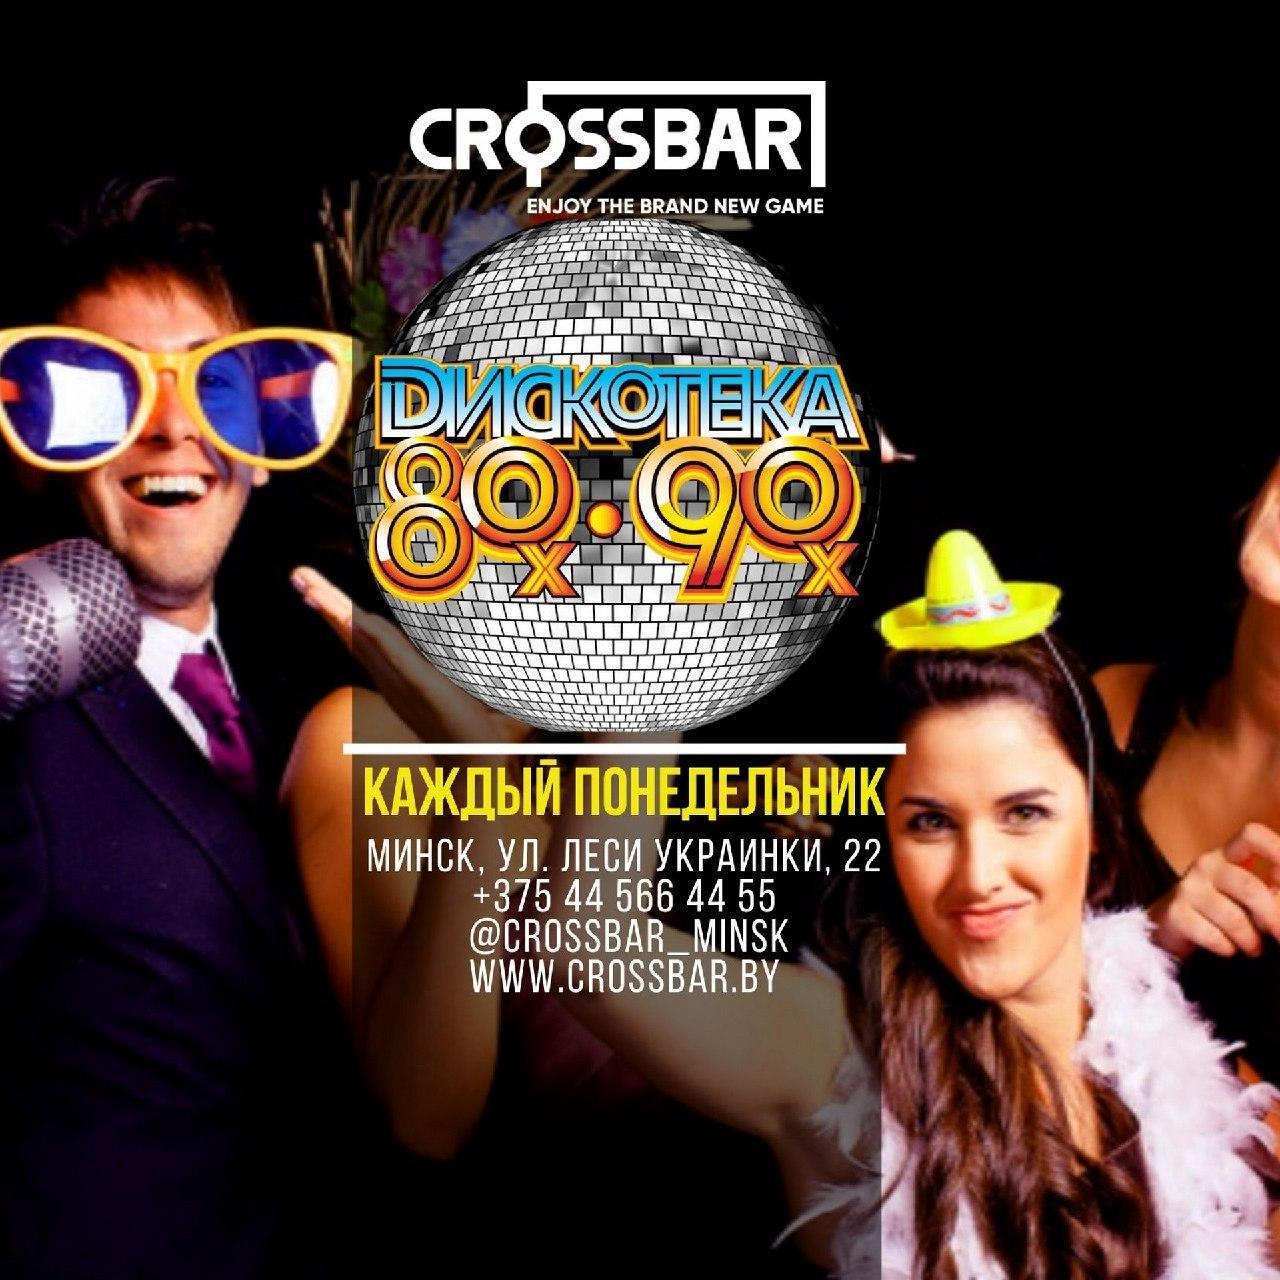 вечеринка в понедельник CrossBAR Minsk